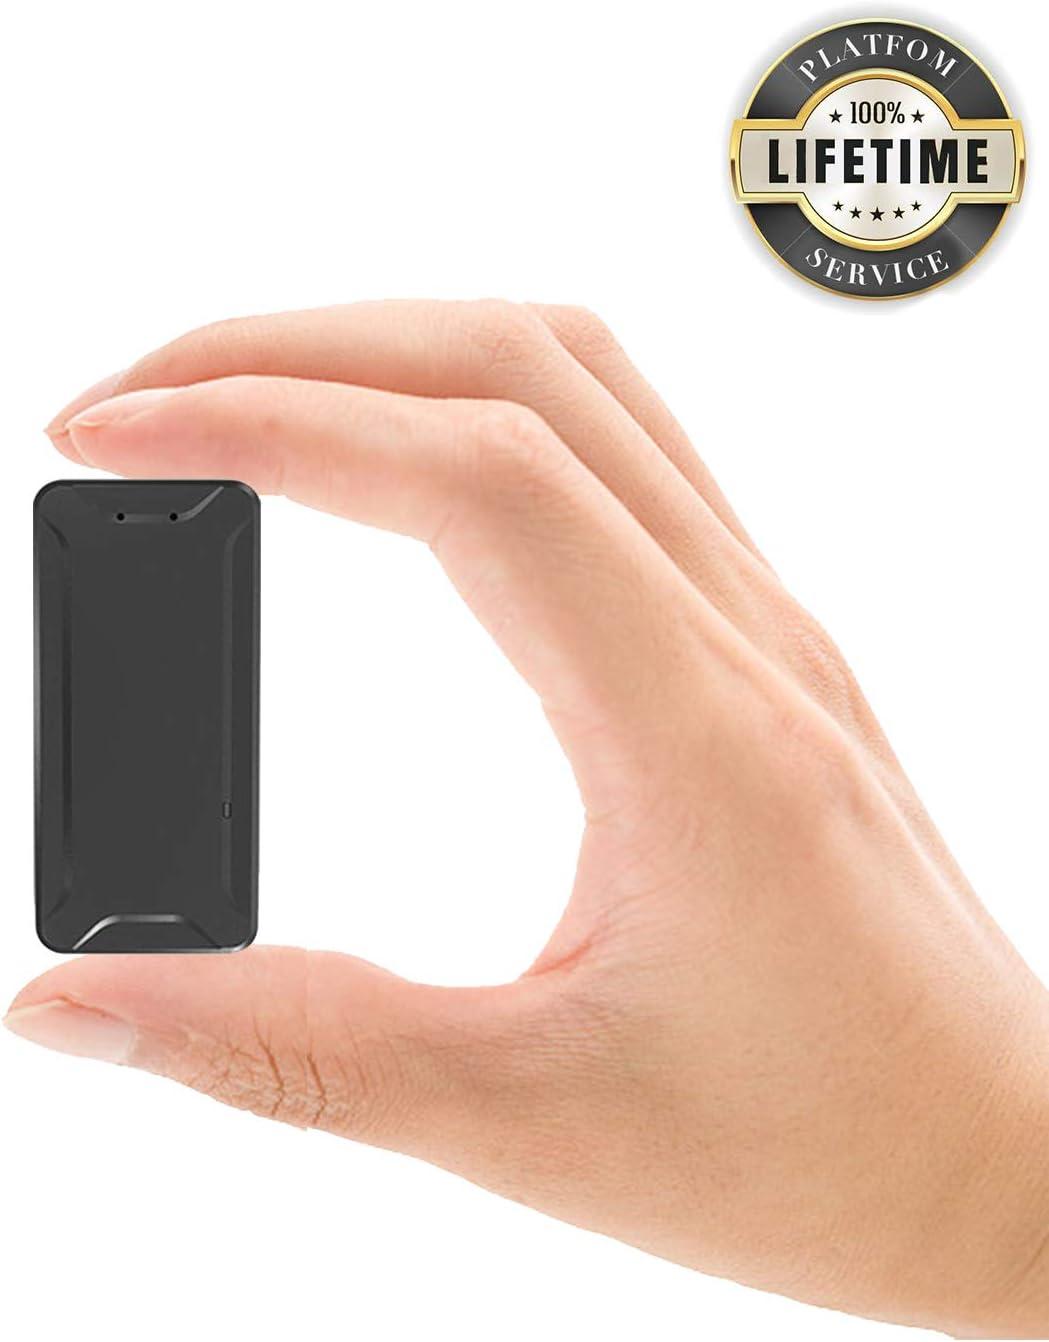 Localizador GPS para Coche, Toptellite Tiempo Real Mini GPS Tracker Pequeño de Seguimiento Paquete Anti-perdido Anti Thief para Wallet Lost Find Aplicaciones Gratuitas para iOS y Android: Amazon.es: Electrónica